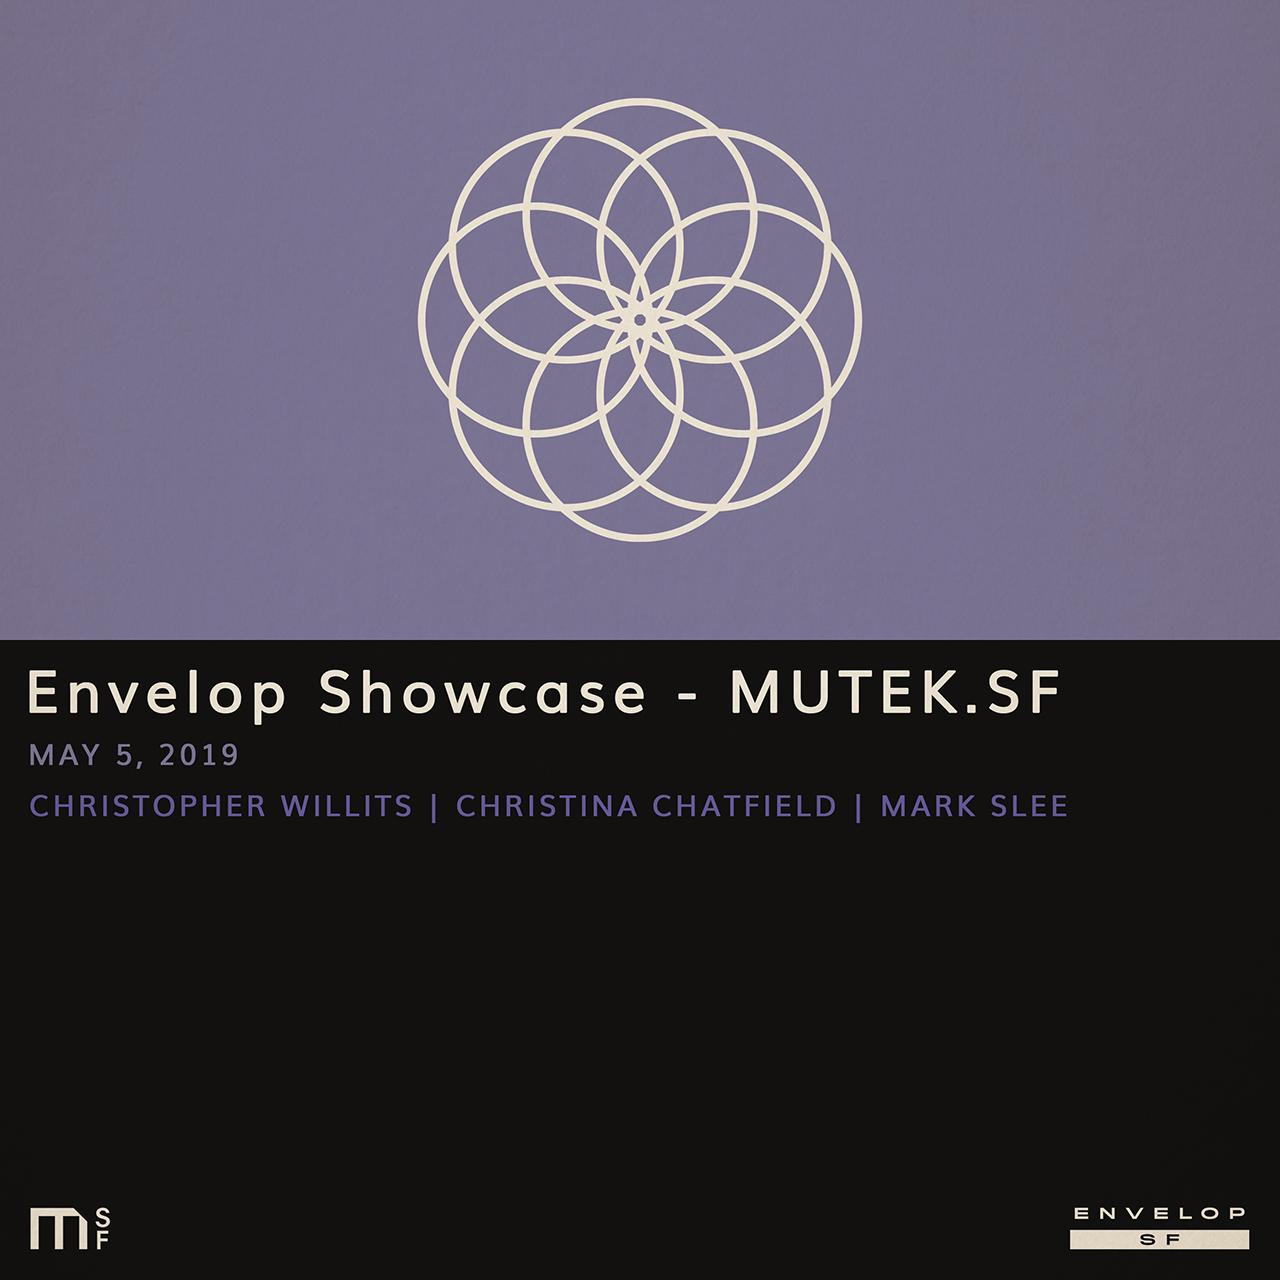 Envelop Showcase - MUTEK.SF - Sun May 5, 2019At Envelop SF12:30 PM doors | 1 PM startChristopher WillitsChristina ChatfieldMark SleeTickets